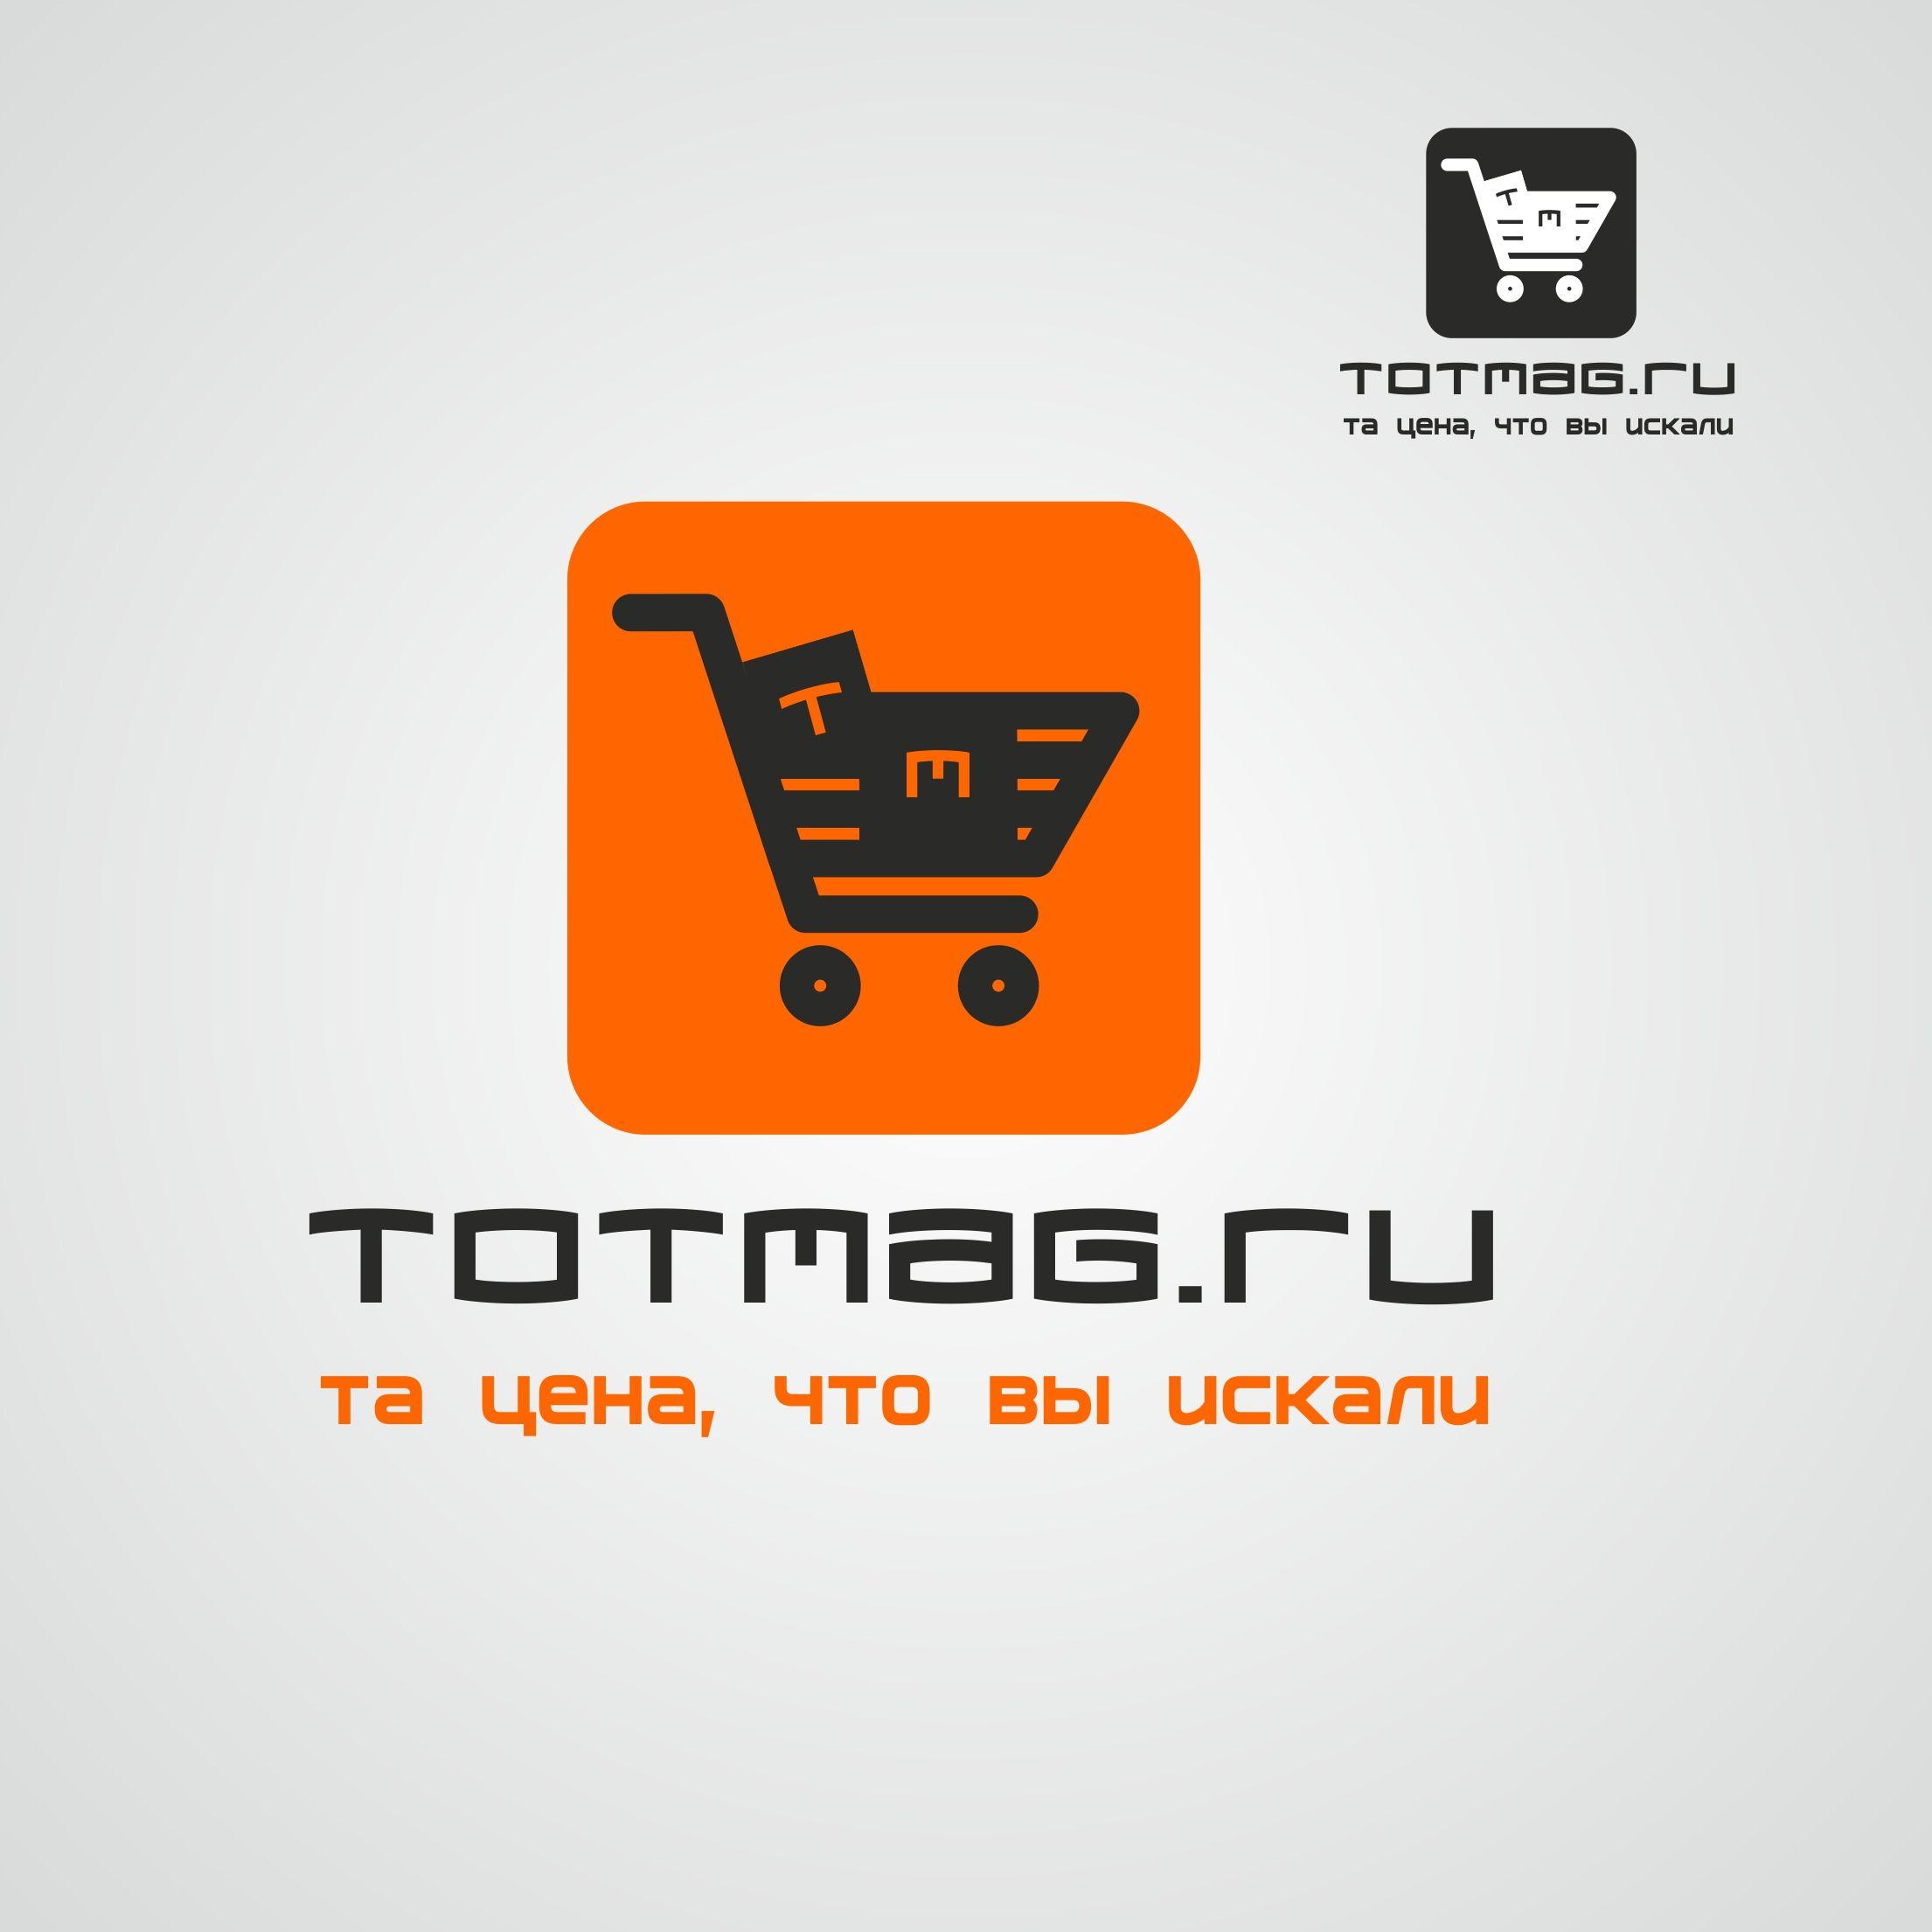 Логотип для интернет магазина totmag.ru - дизайнер logo_julia